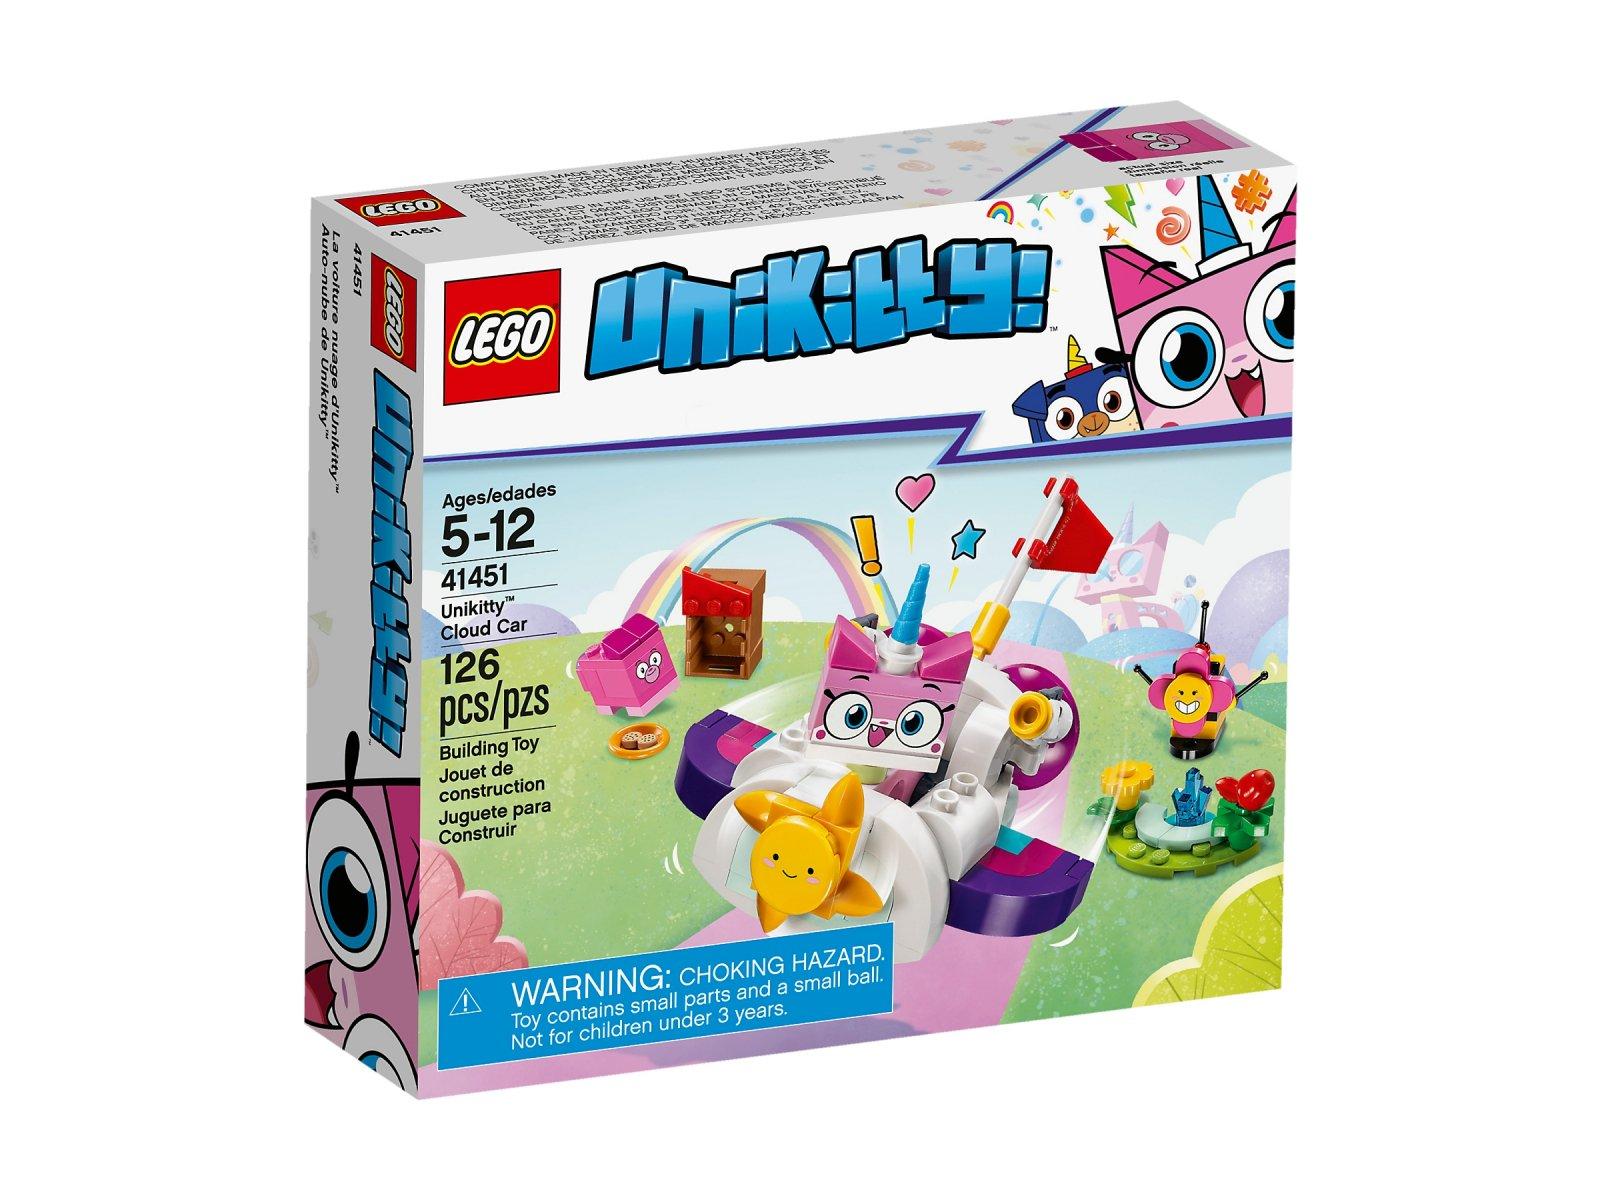 Lego 41451 Unikitty Chmurkowy Pojazd Kici Rożek